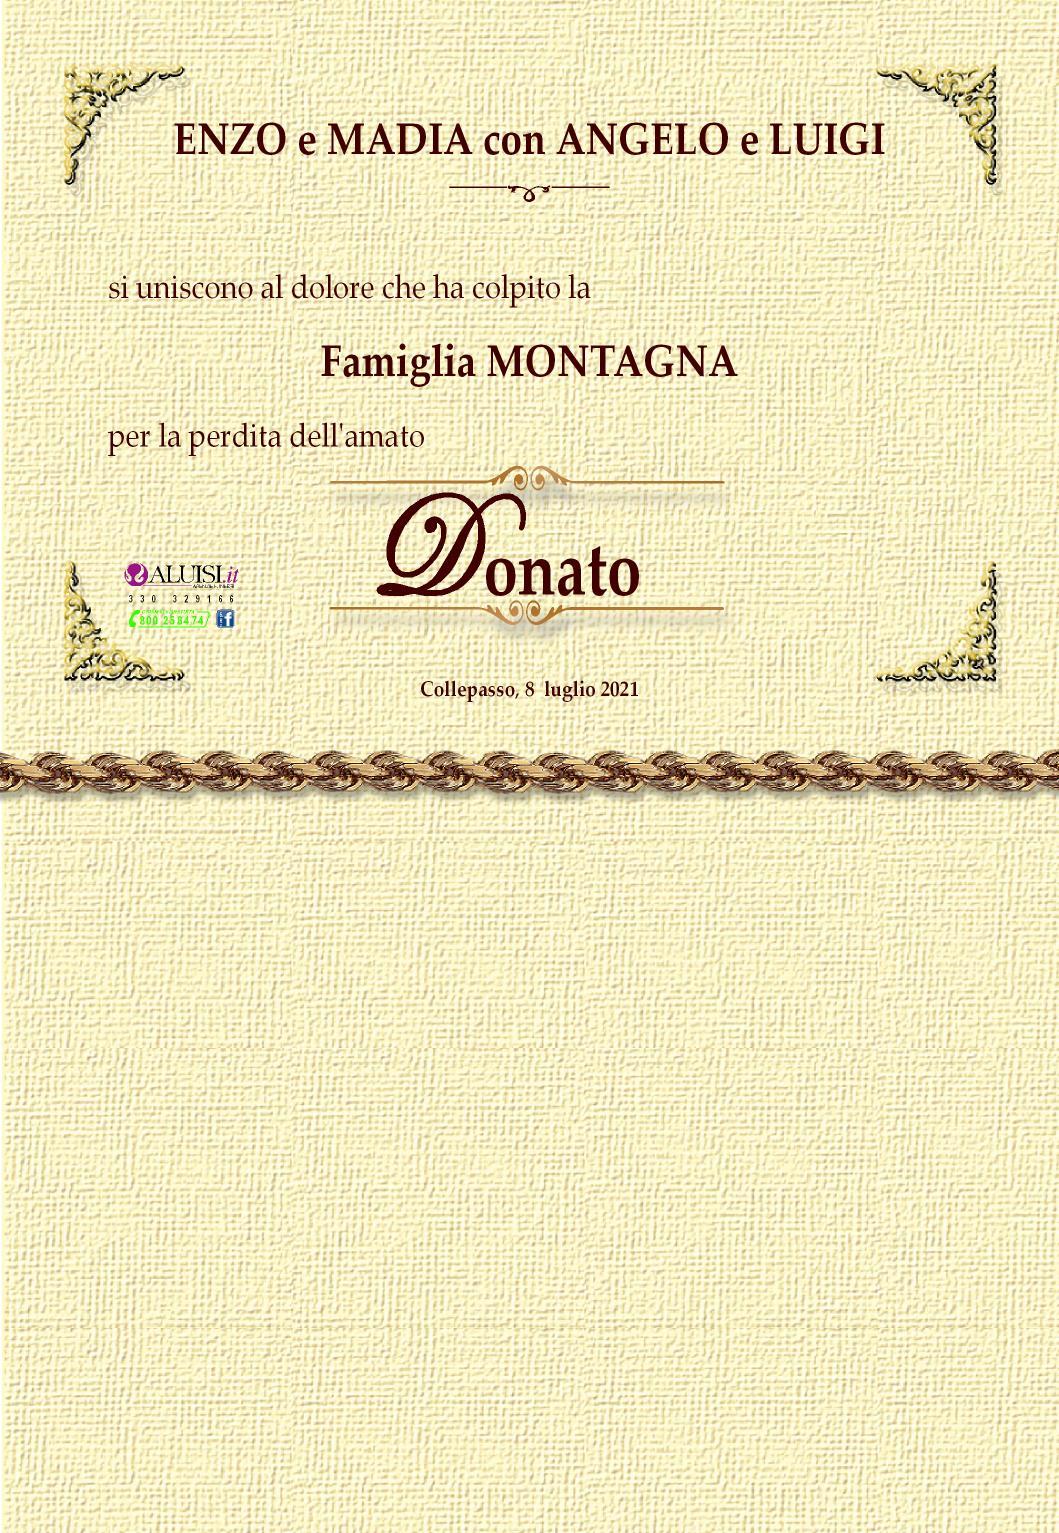 PARTECIPAZIONE-DONATO-MONTAGNA-COLLEPASSO-4.jpg